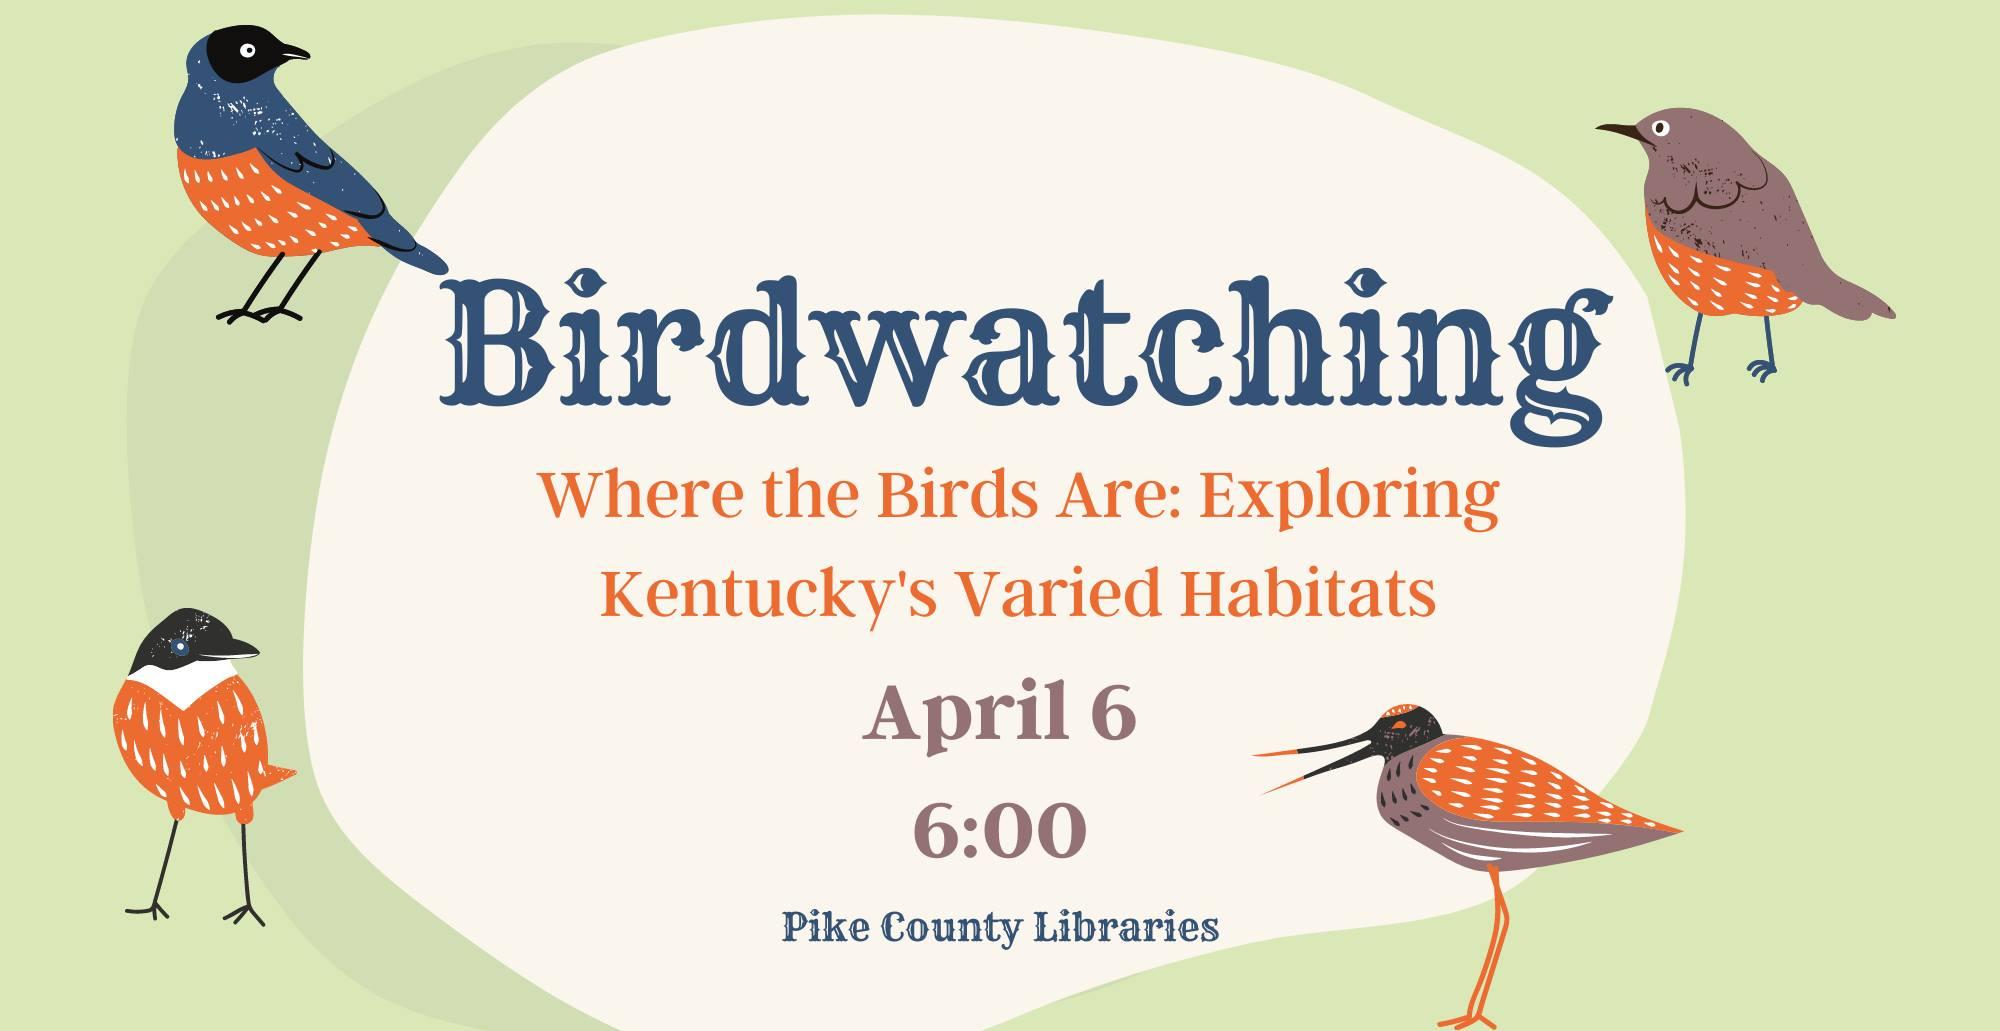 birdwatchibg